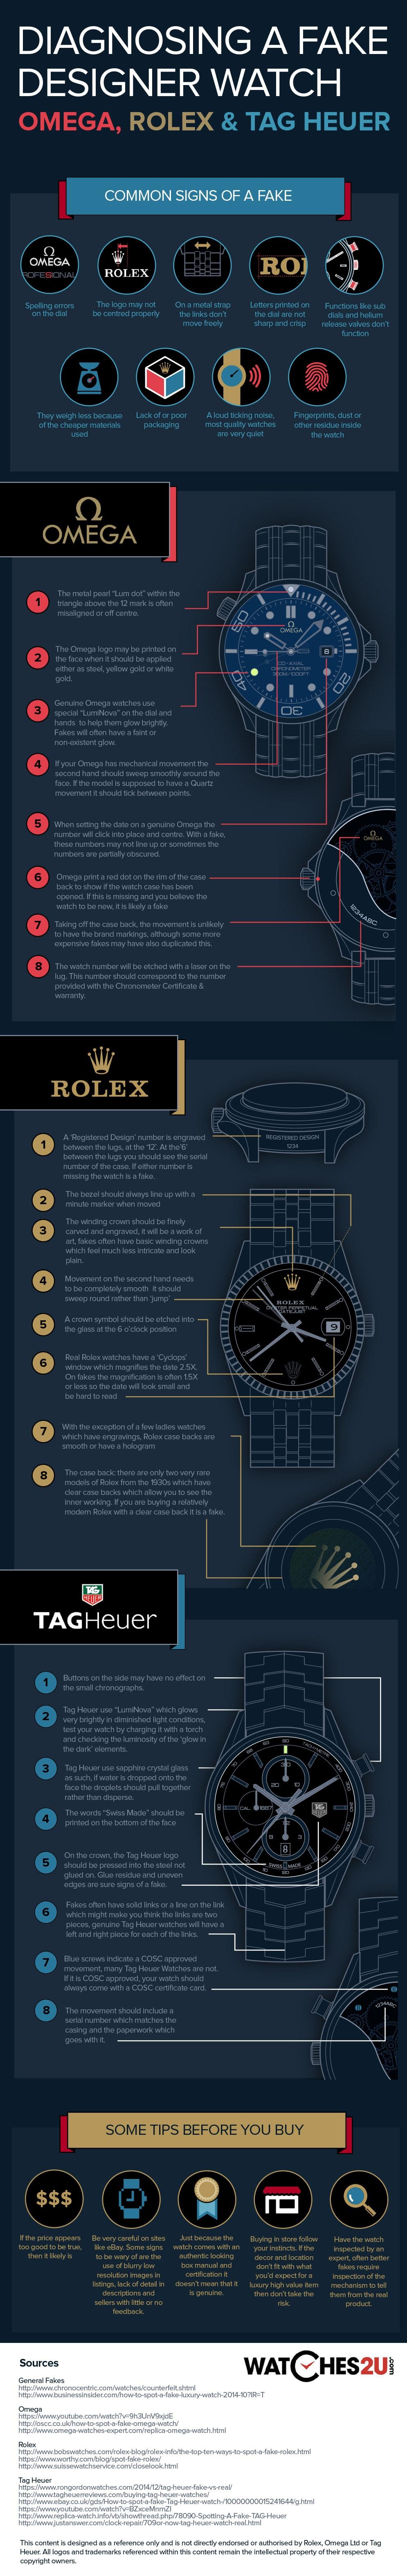 Detectar un falso Rolex, Omega O reloj TAG Heuer, Infografía